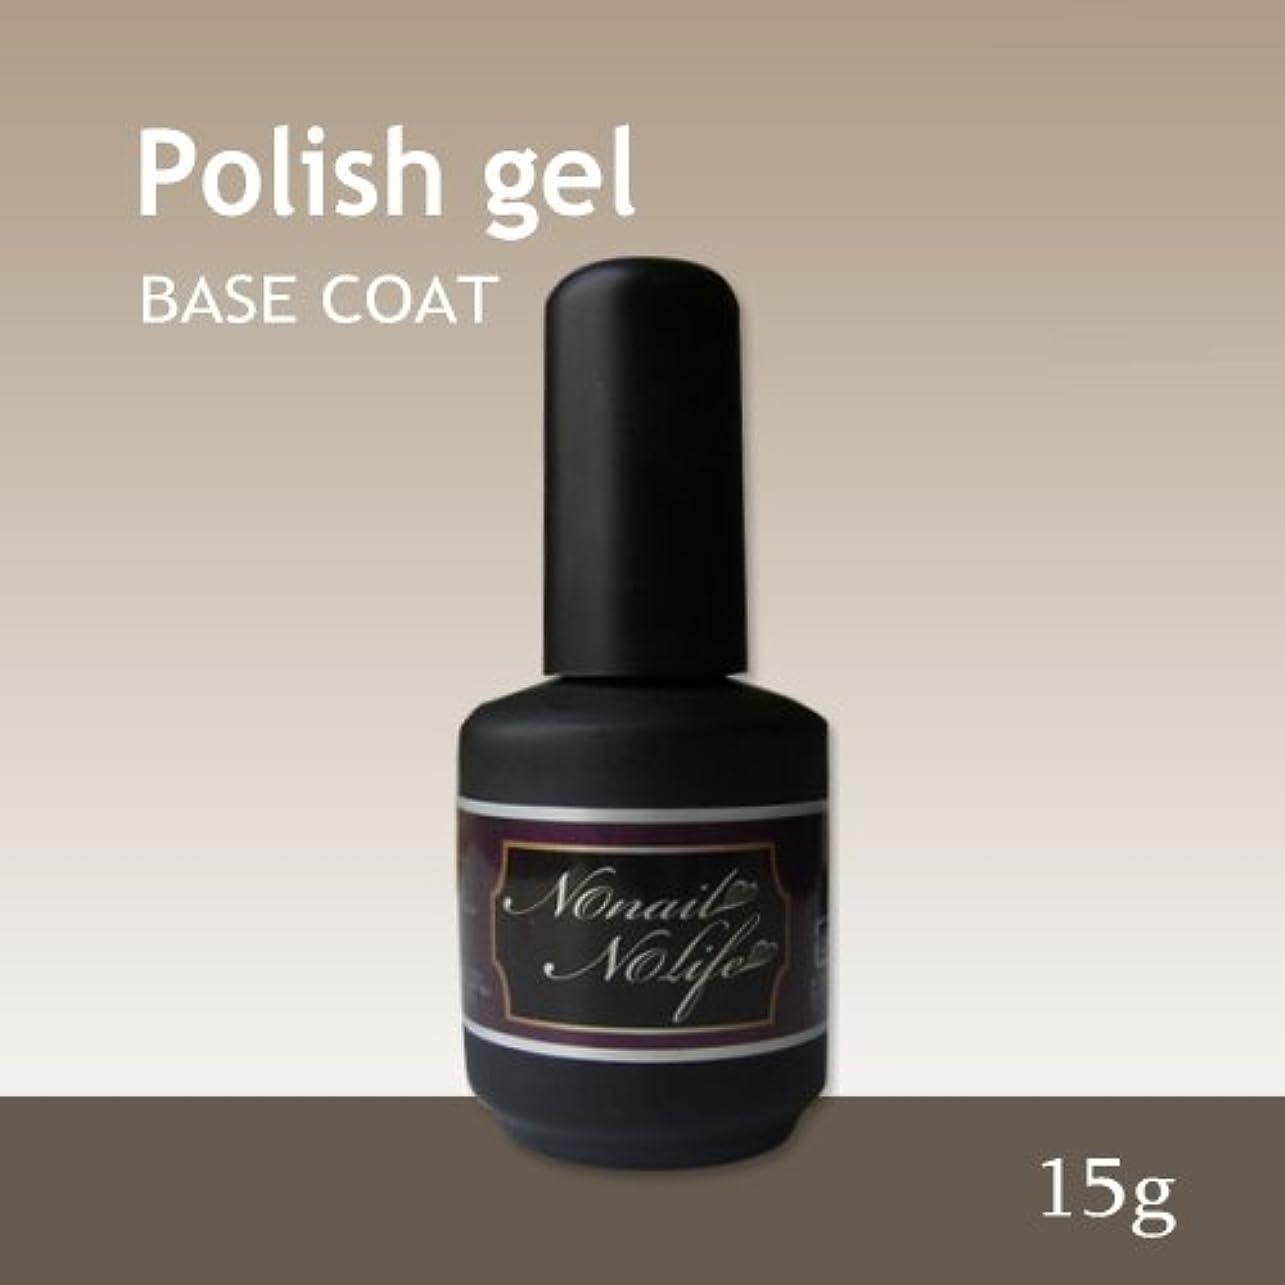 しゃがむアクセルジョイントジェルネイル《サンディング不要のベースコート》Natural Polish ポリッシュベースジェル(15g)